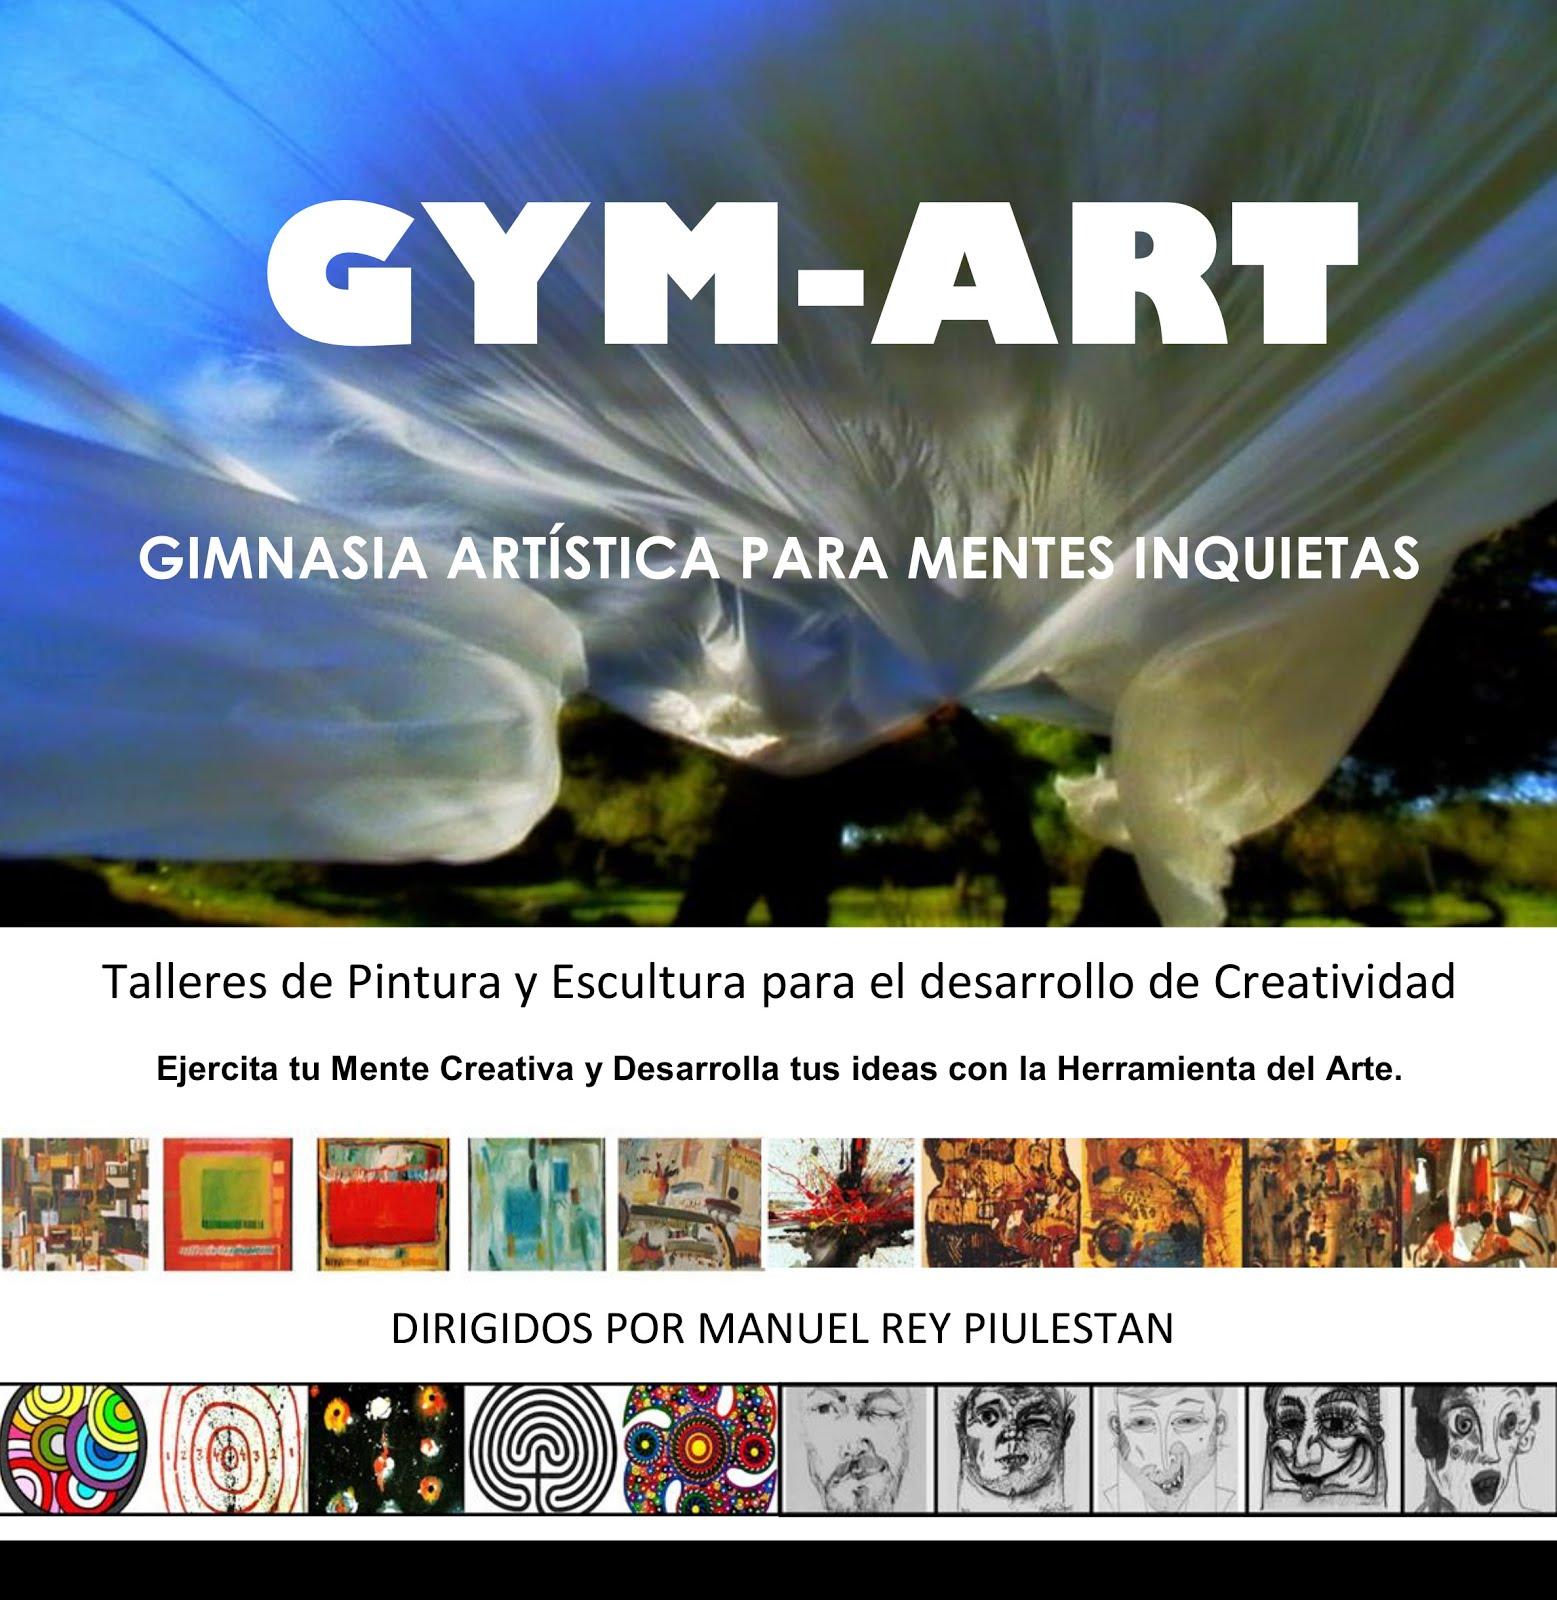 GYM-ART. Gimnasia Artística para Mentes Inquietas.